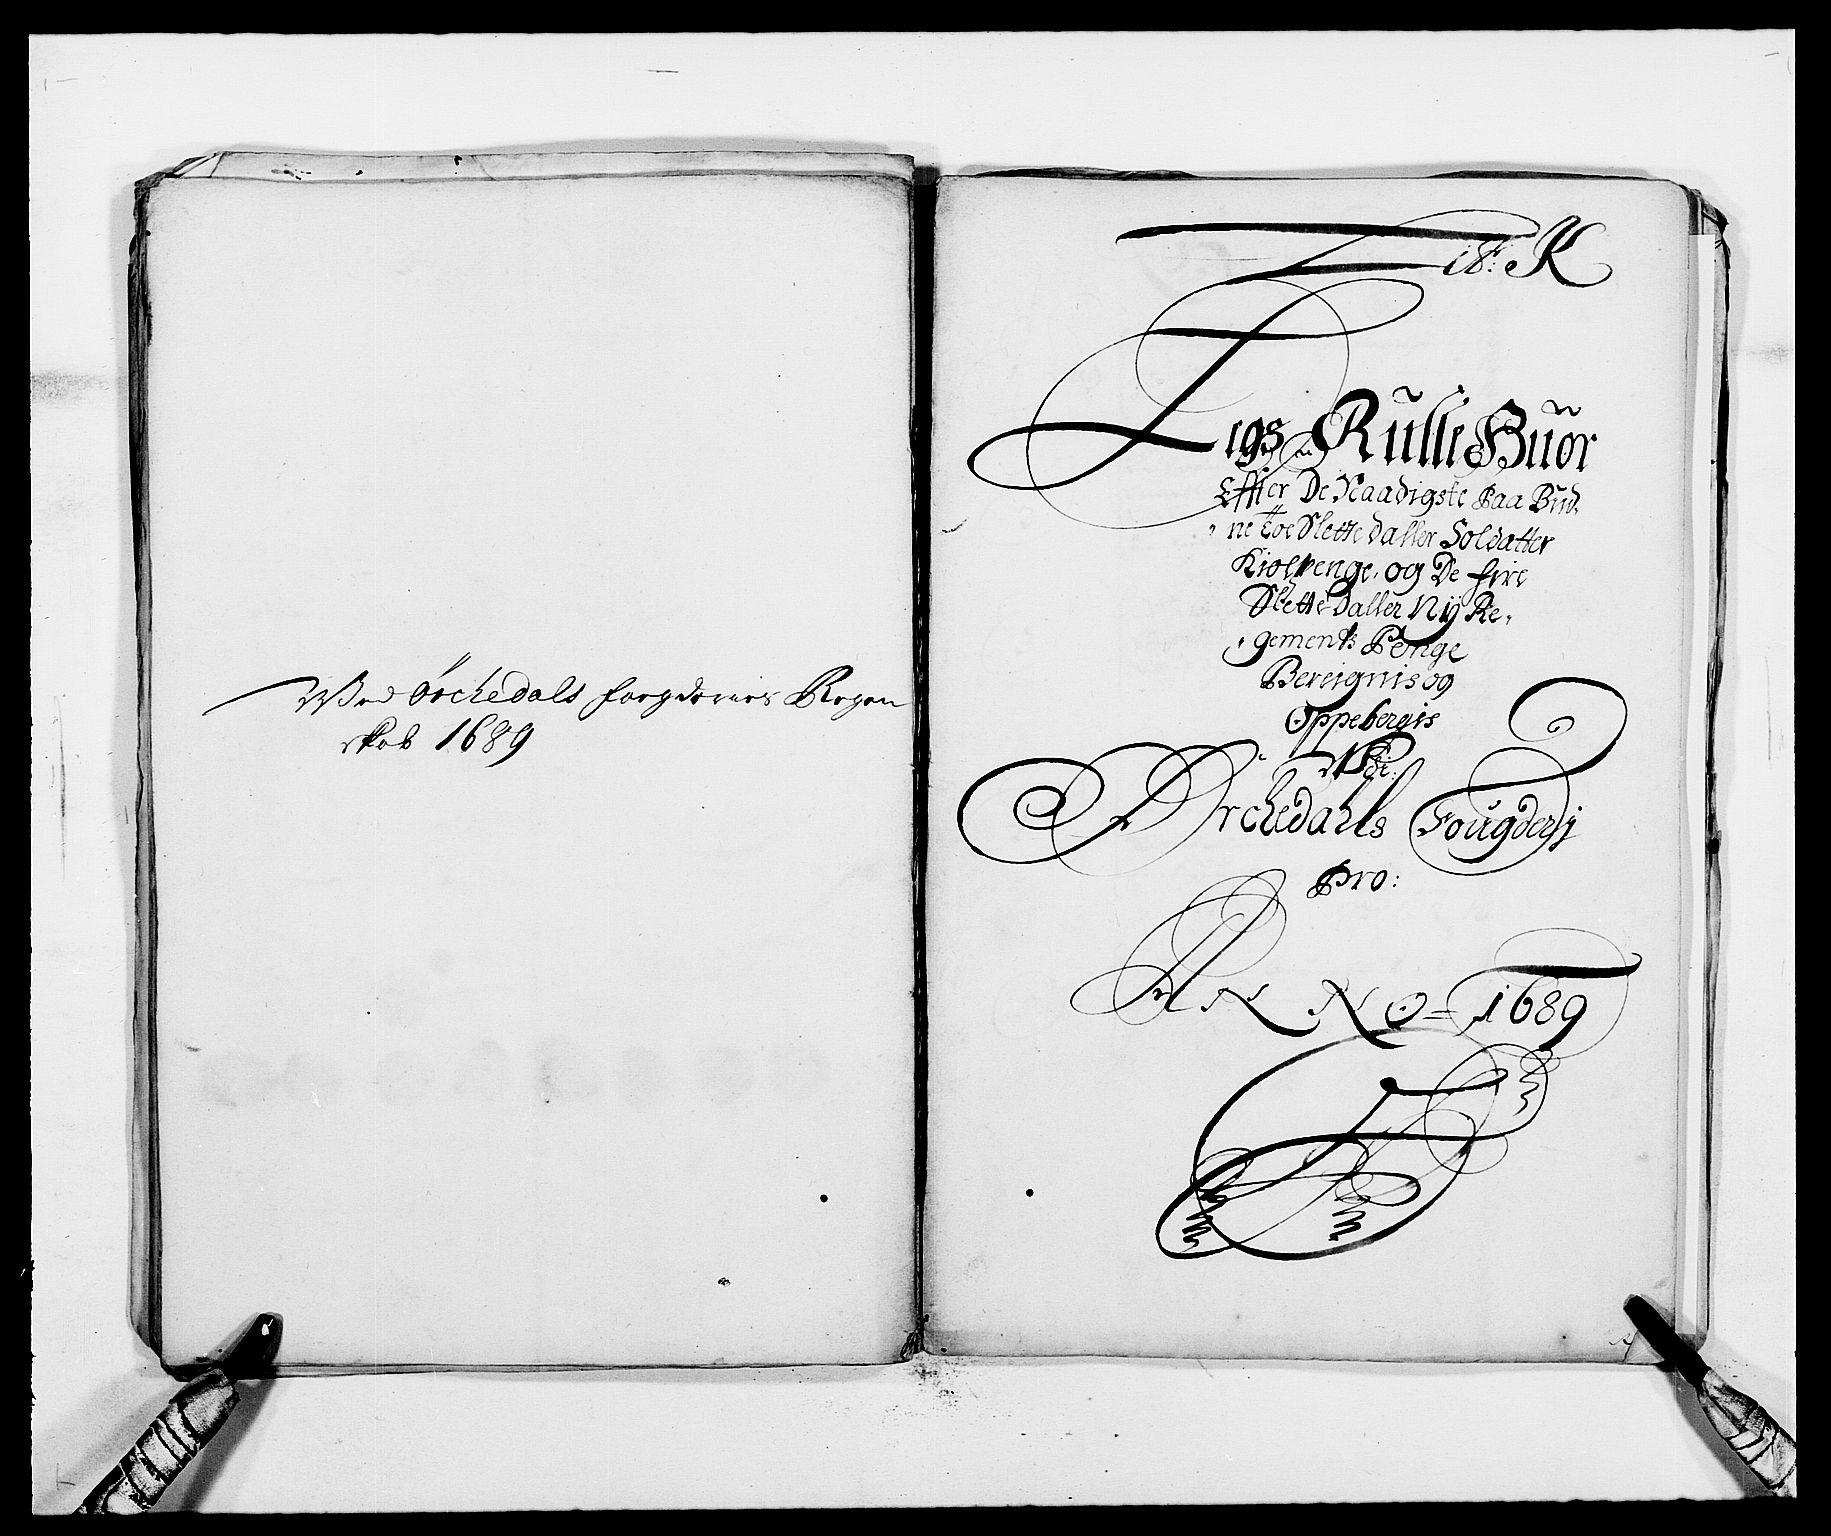 RA, Rentekammeret inntil 1814, Reviderte regnskaper, Fogderegnskap, R58/L3936: Fogderegnskap Orkdal, 1689-1690, s. 96